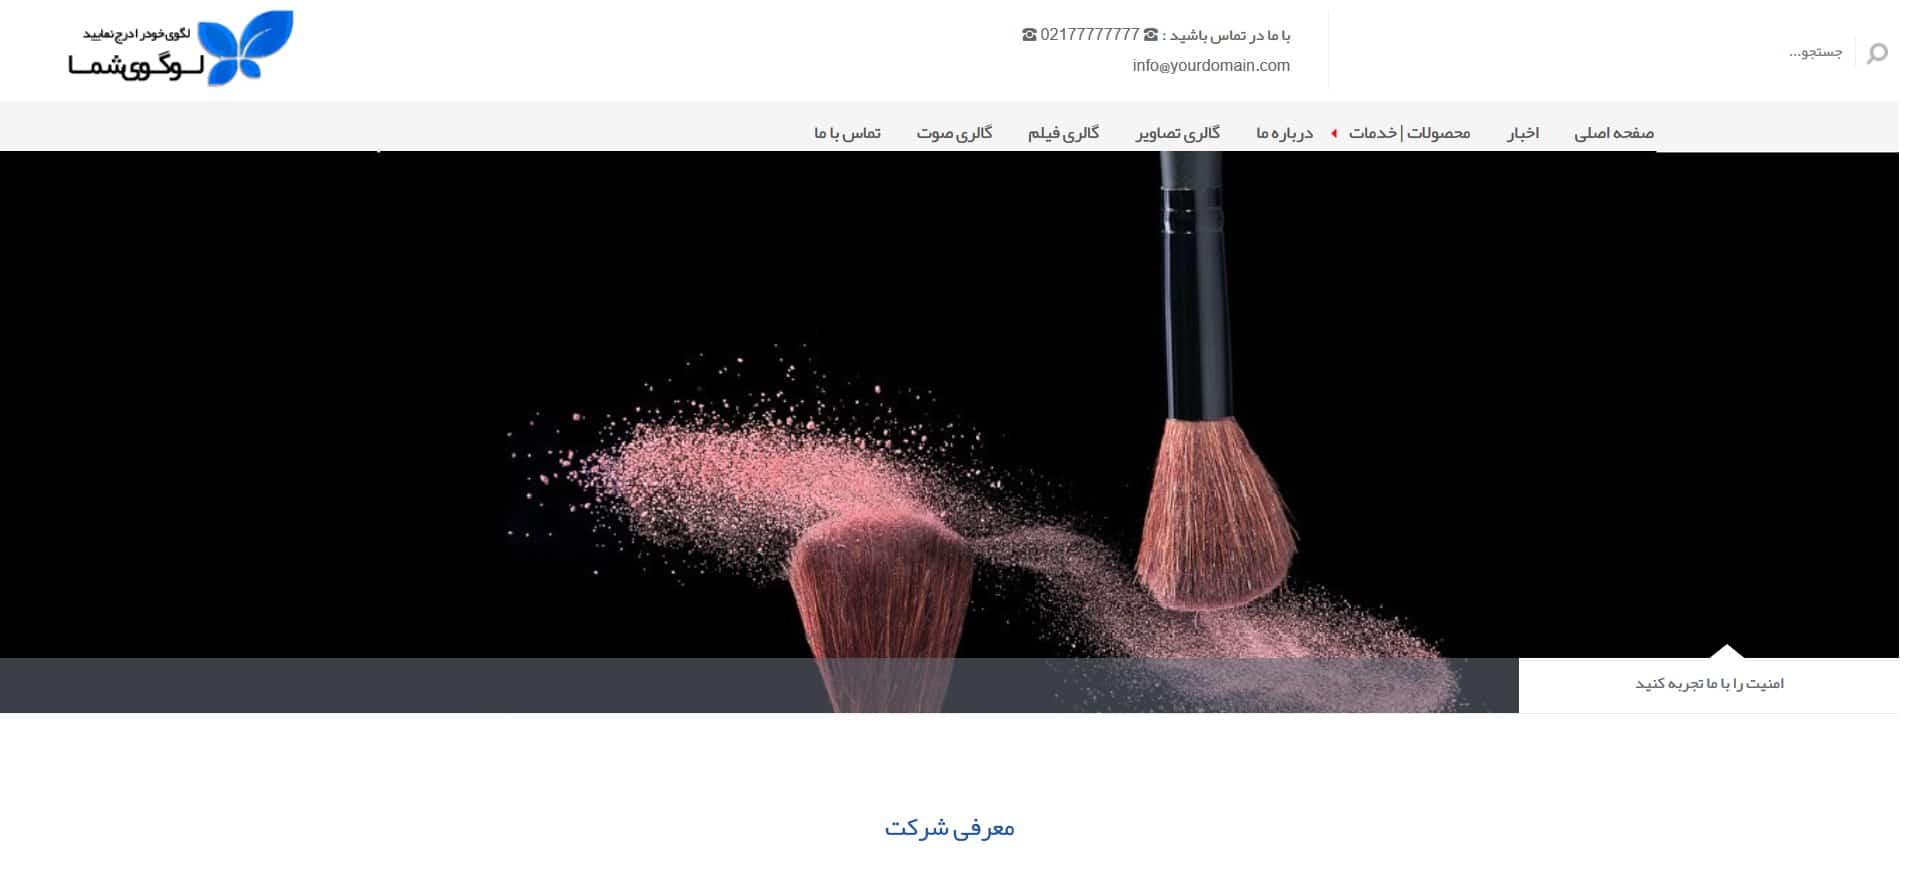 وب سایت شرکتی تجاری آریا